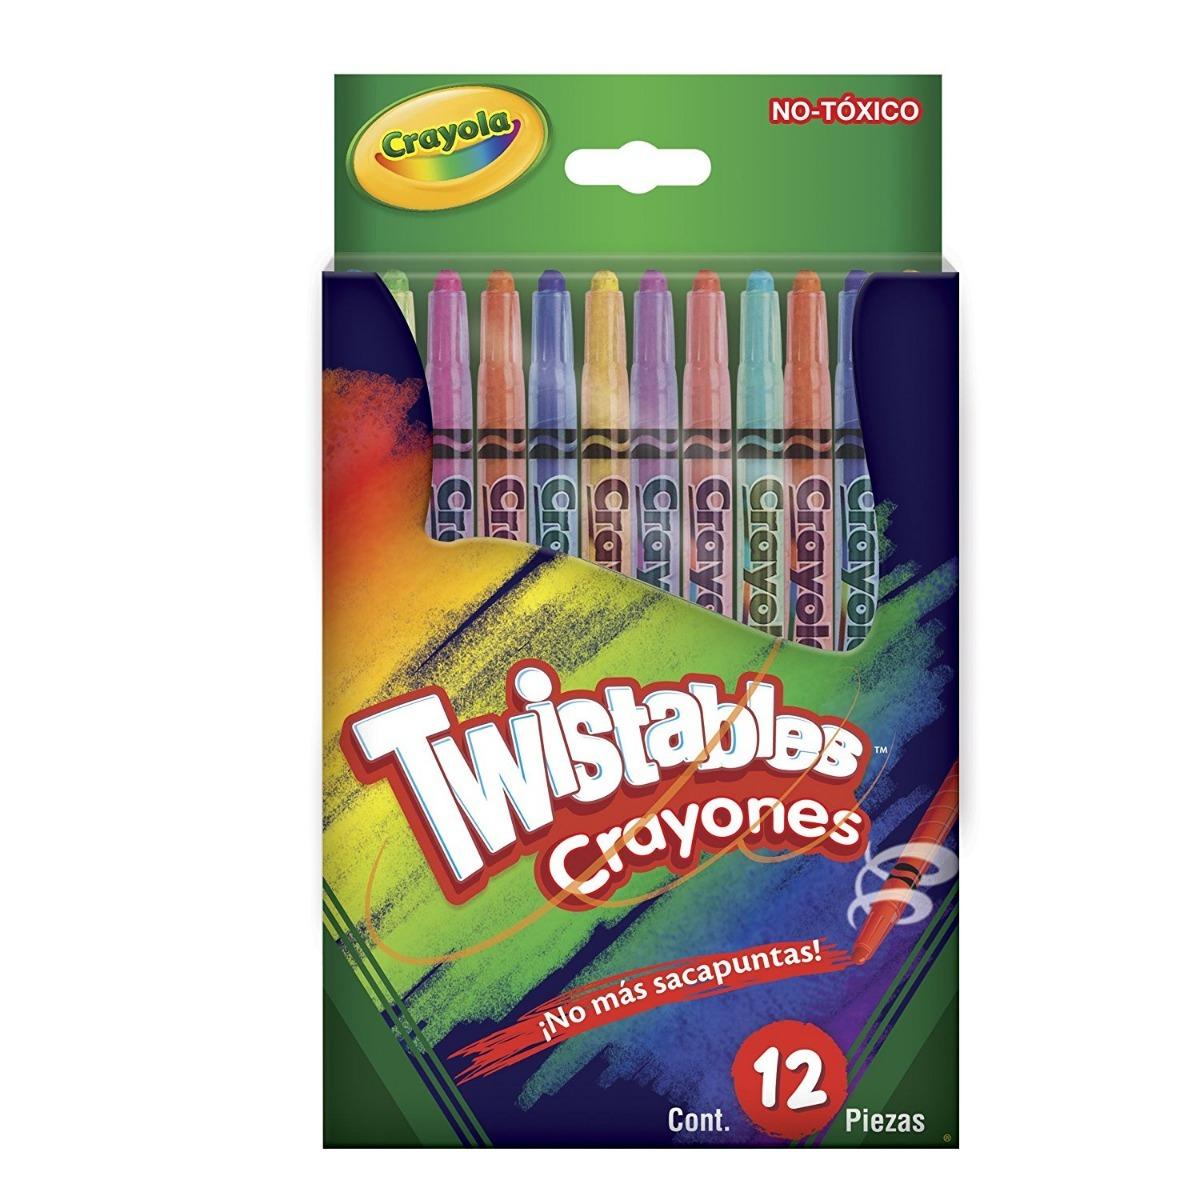 12 Crayones Twistables Crayola Envio Gratis - $ 195.00 en Mercado Libre